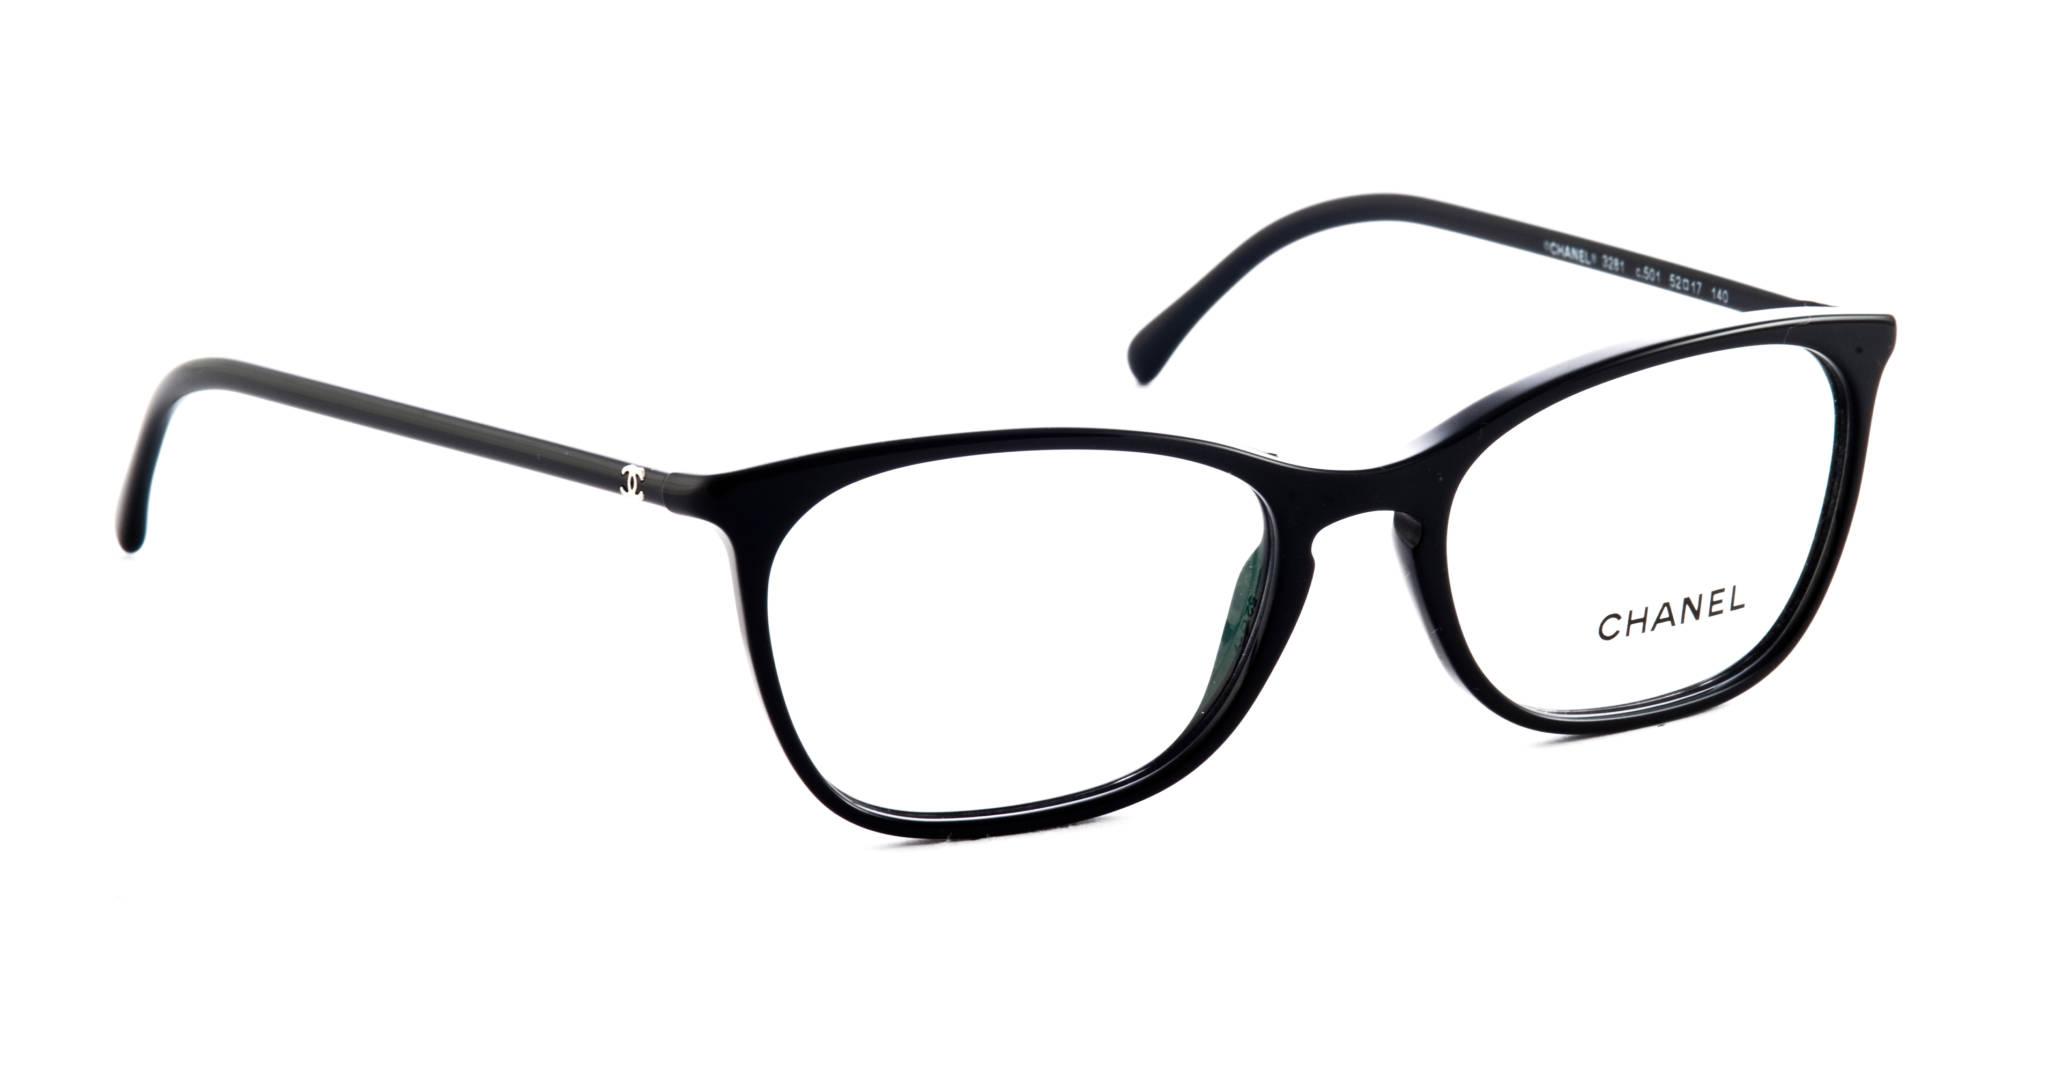 96cbc7af2ea5 Chanel Brille 3281 501 - Eine Brille zum Verlieben - Optoline ...